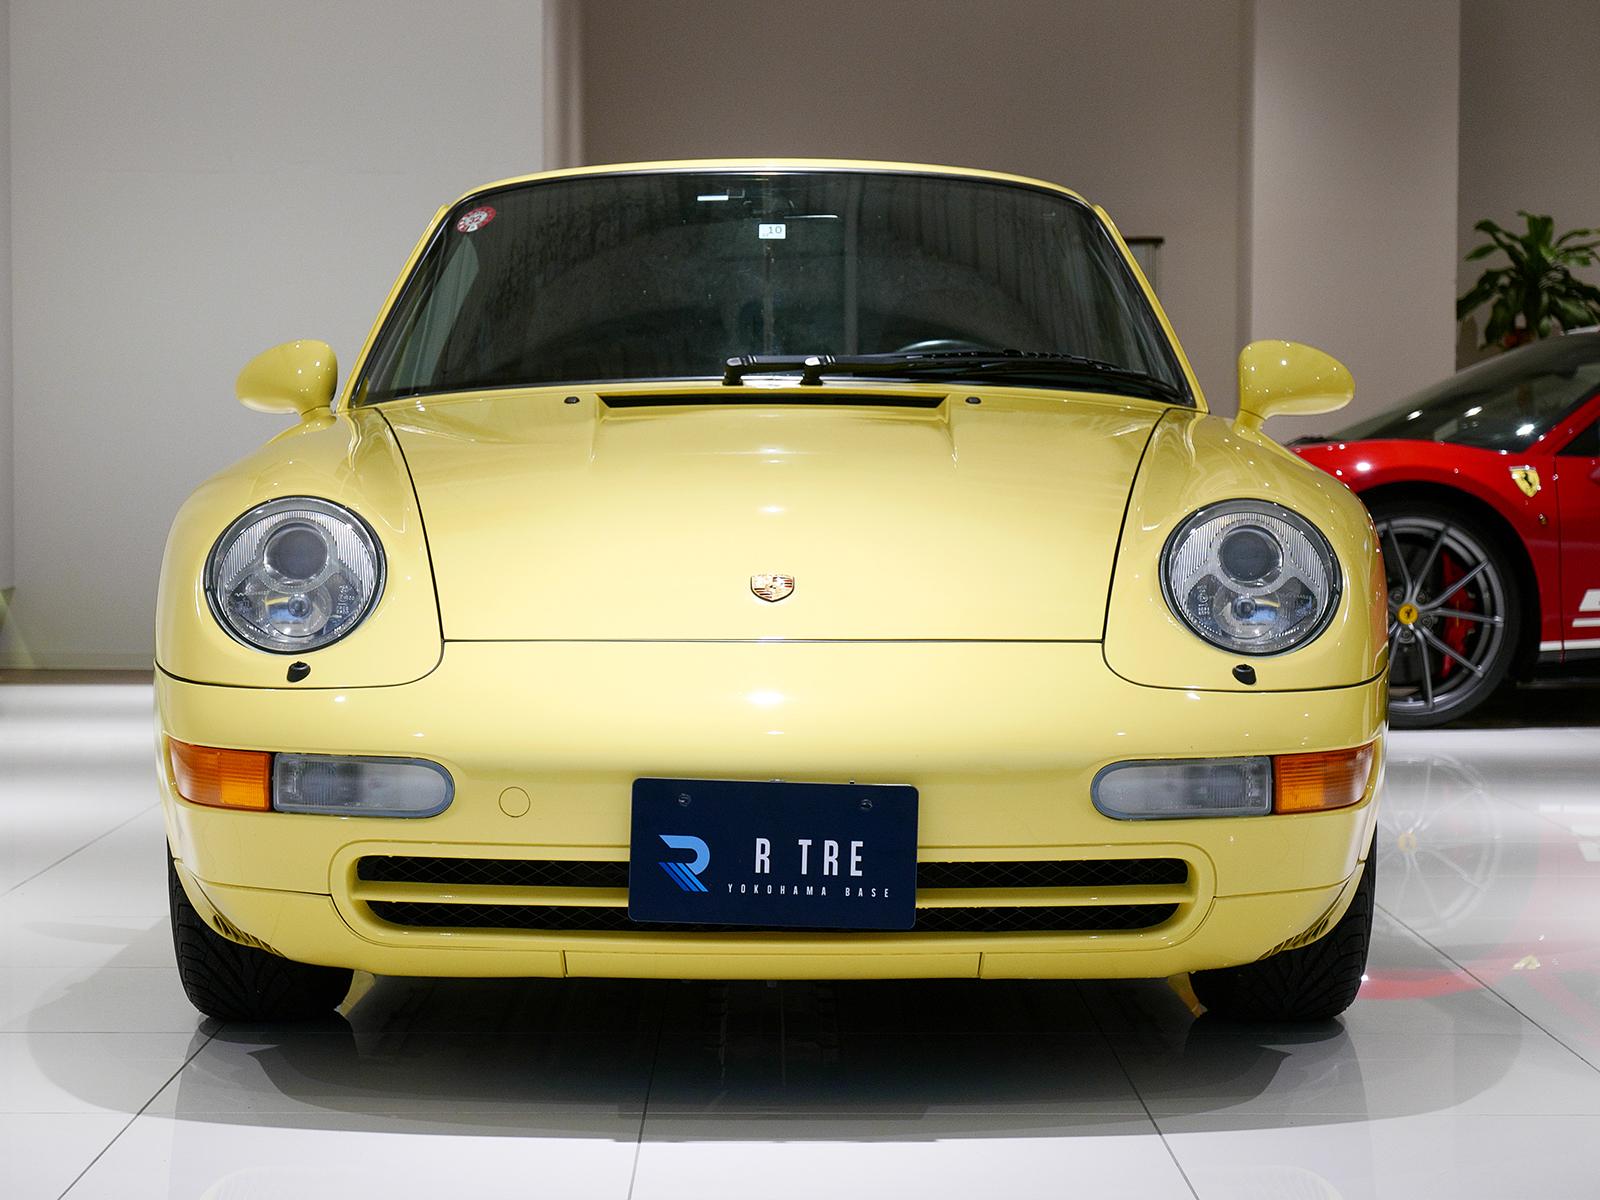 ポルシェ 911 タイプ993 カレラ タイプ Ⅰ フロント